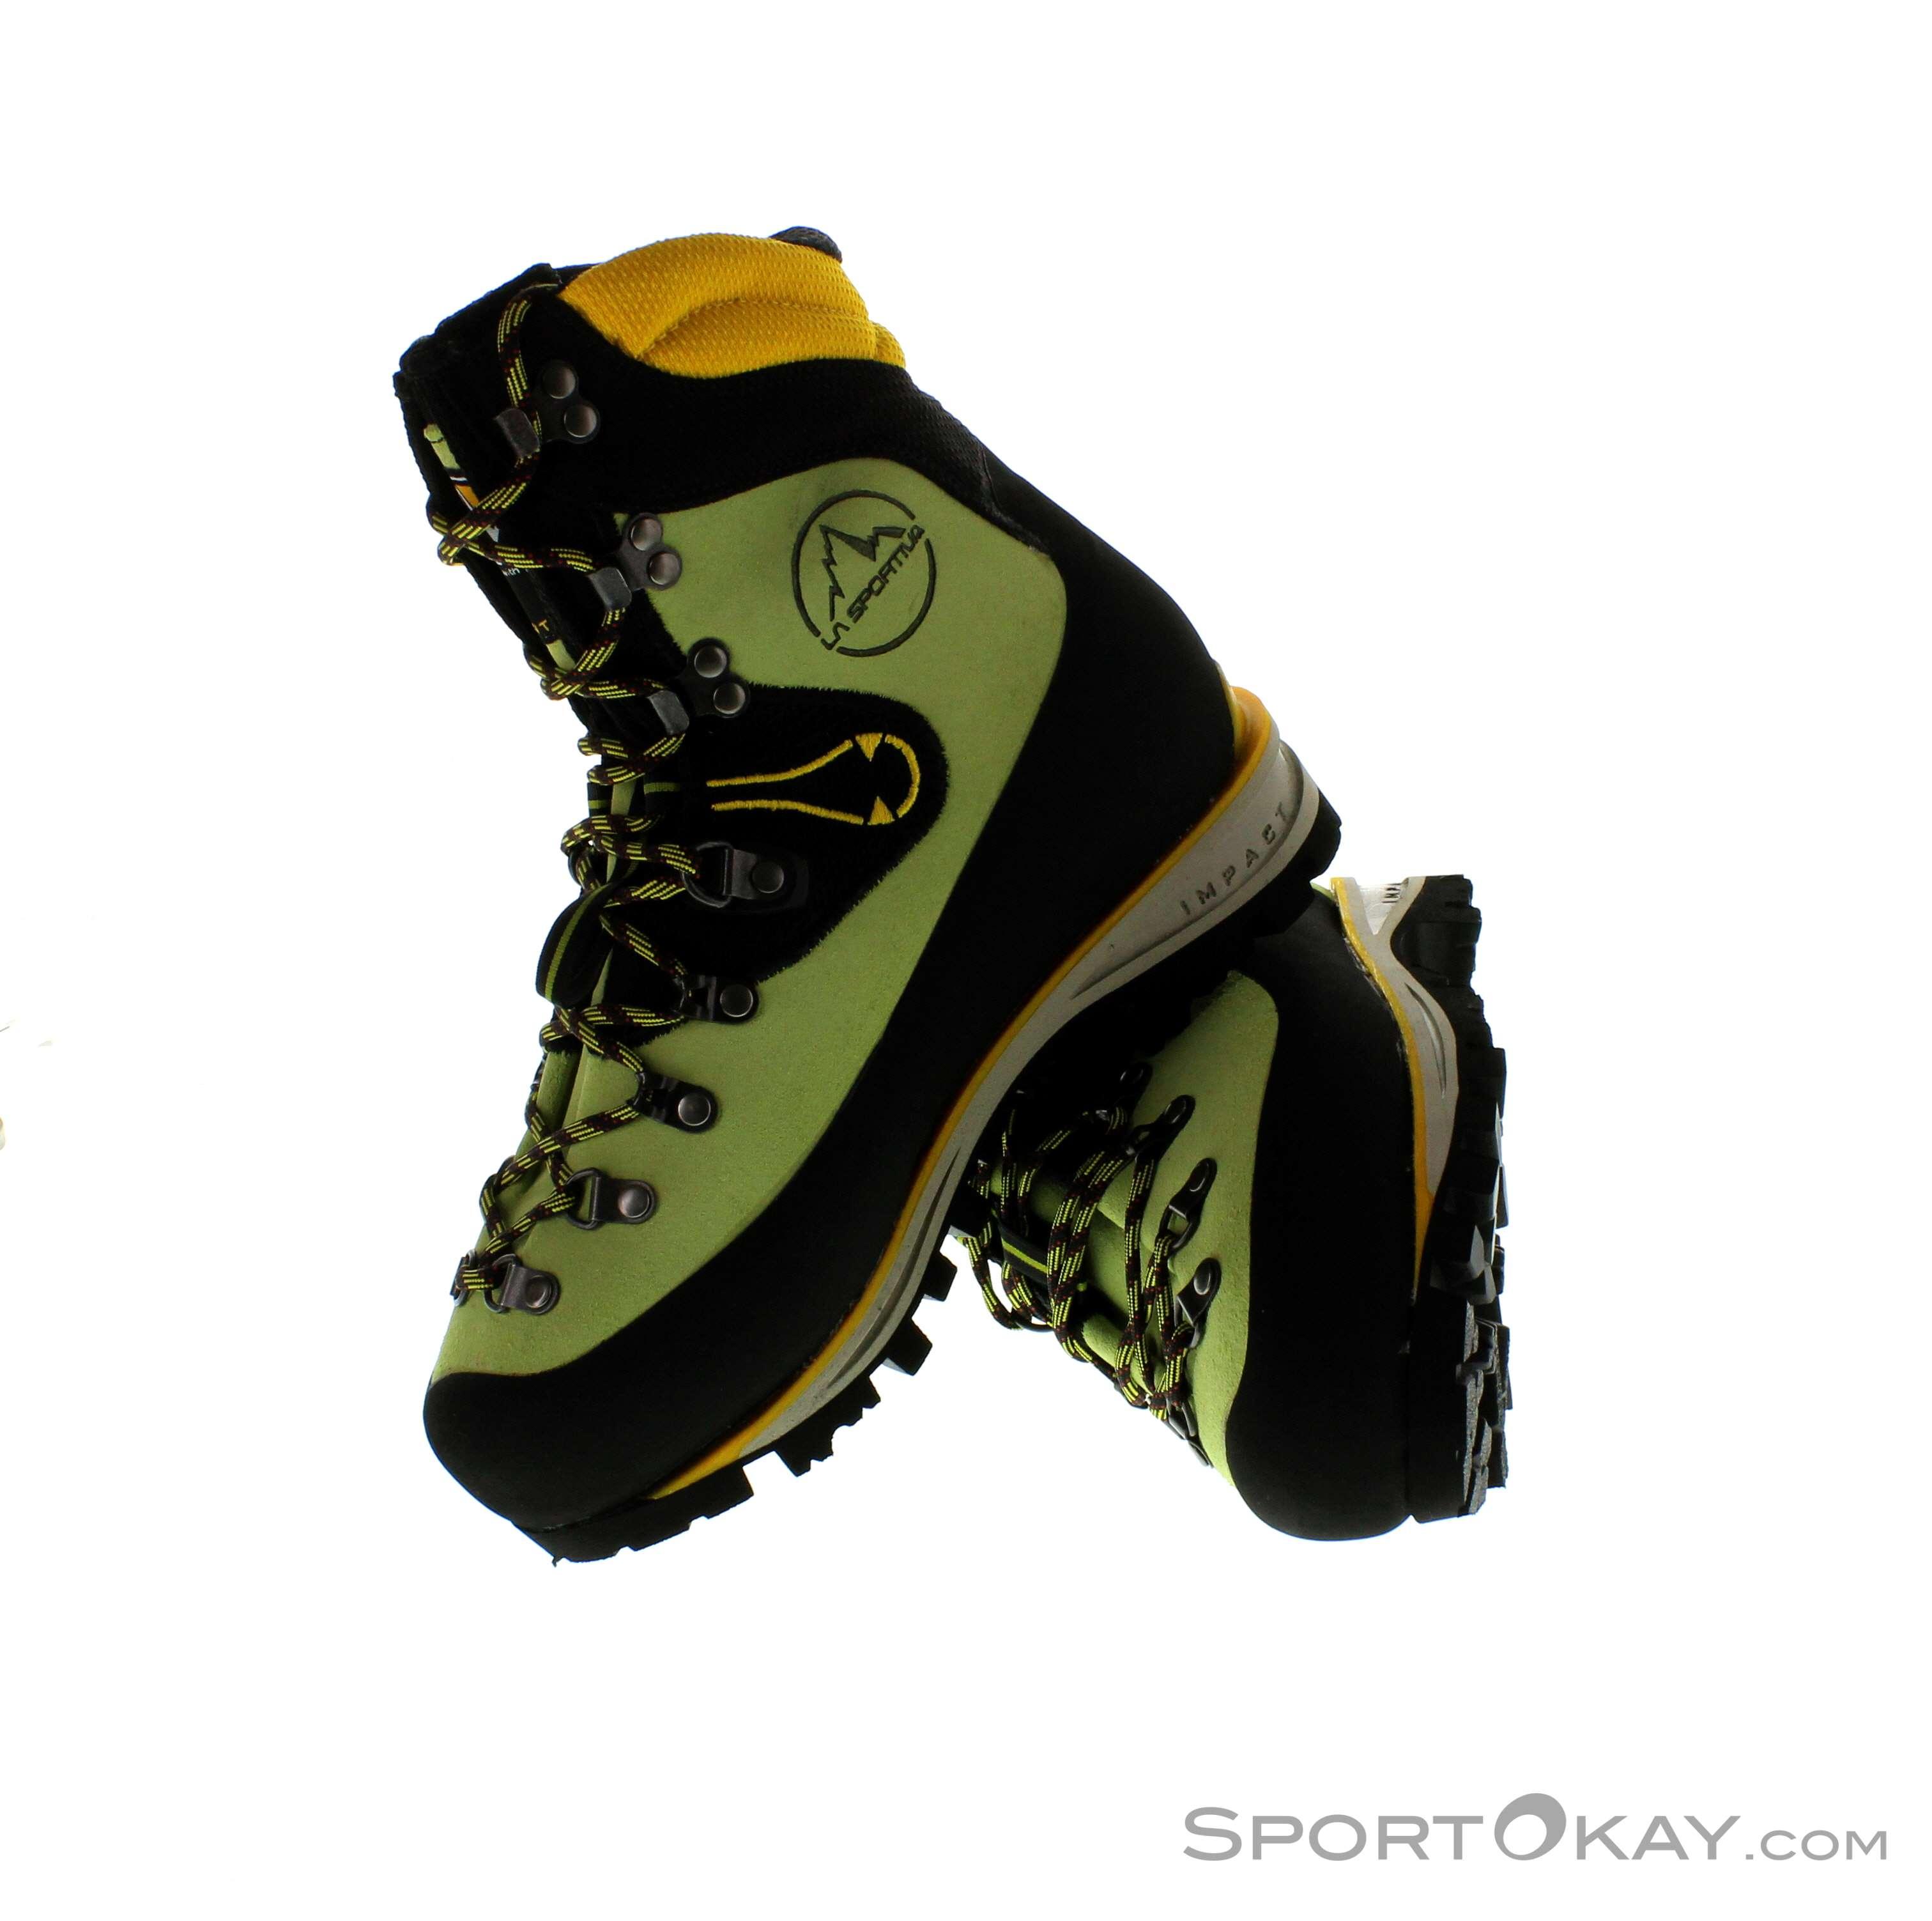 La Sportiva Nepal Trek EVO Donna Scarpe da Montagna Gore-Tex ... e49bd4a6063